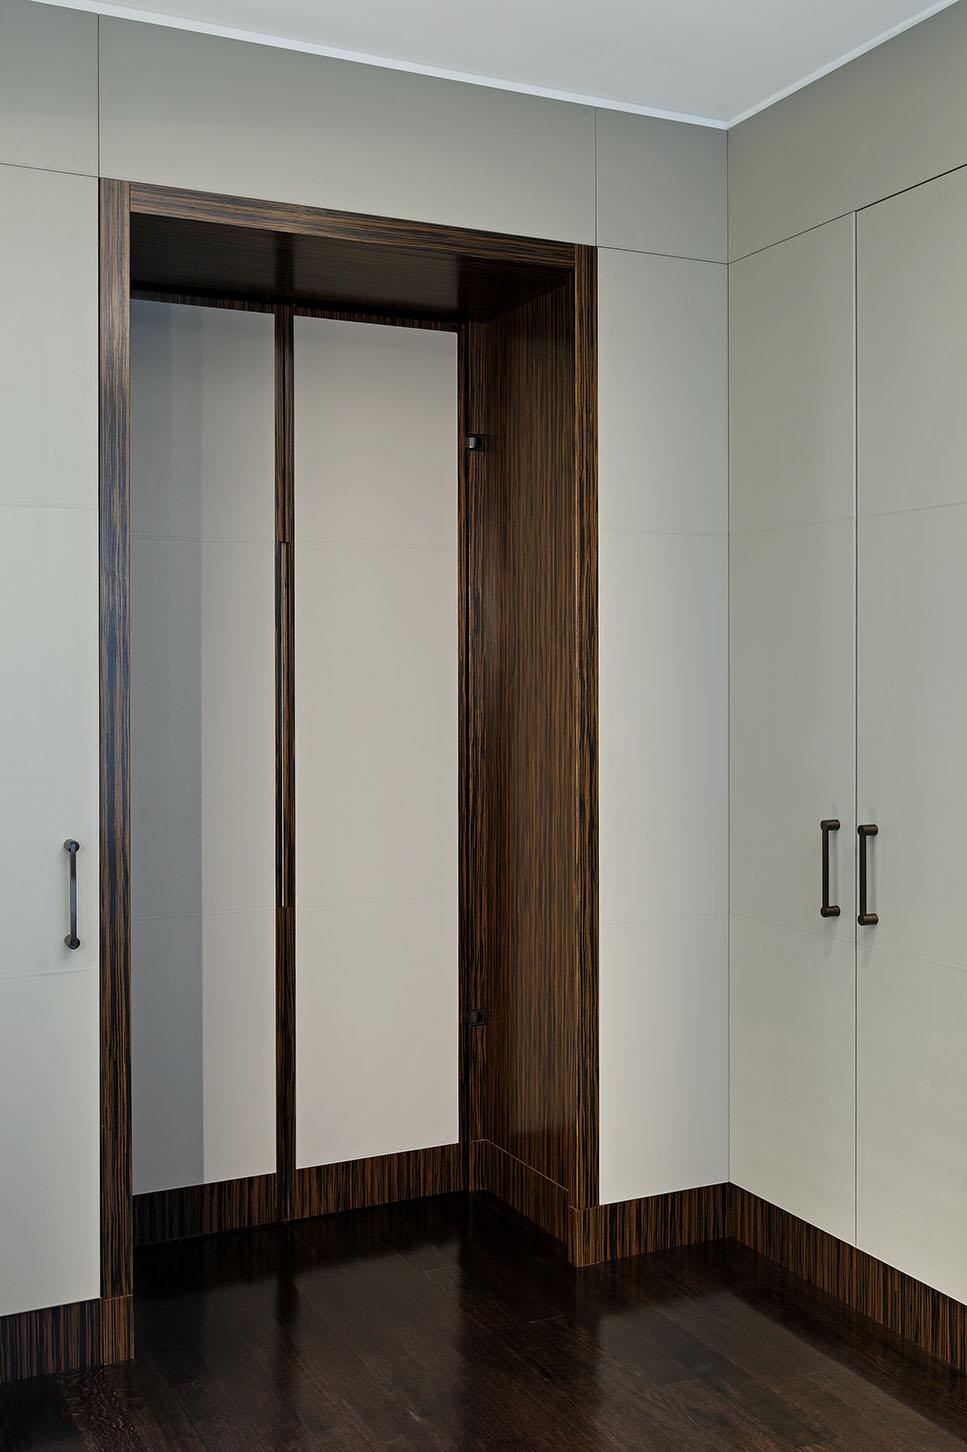 29_Doorway Closed.jpg